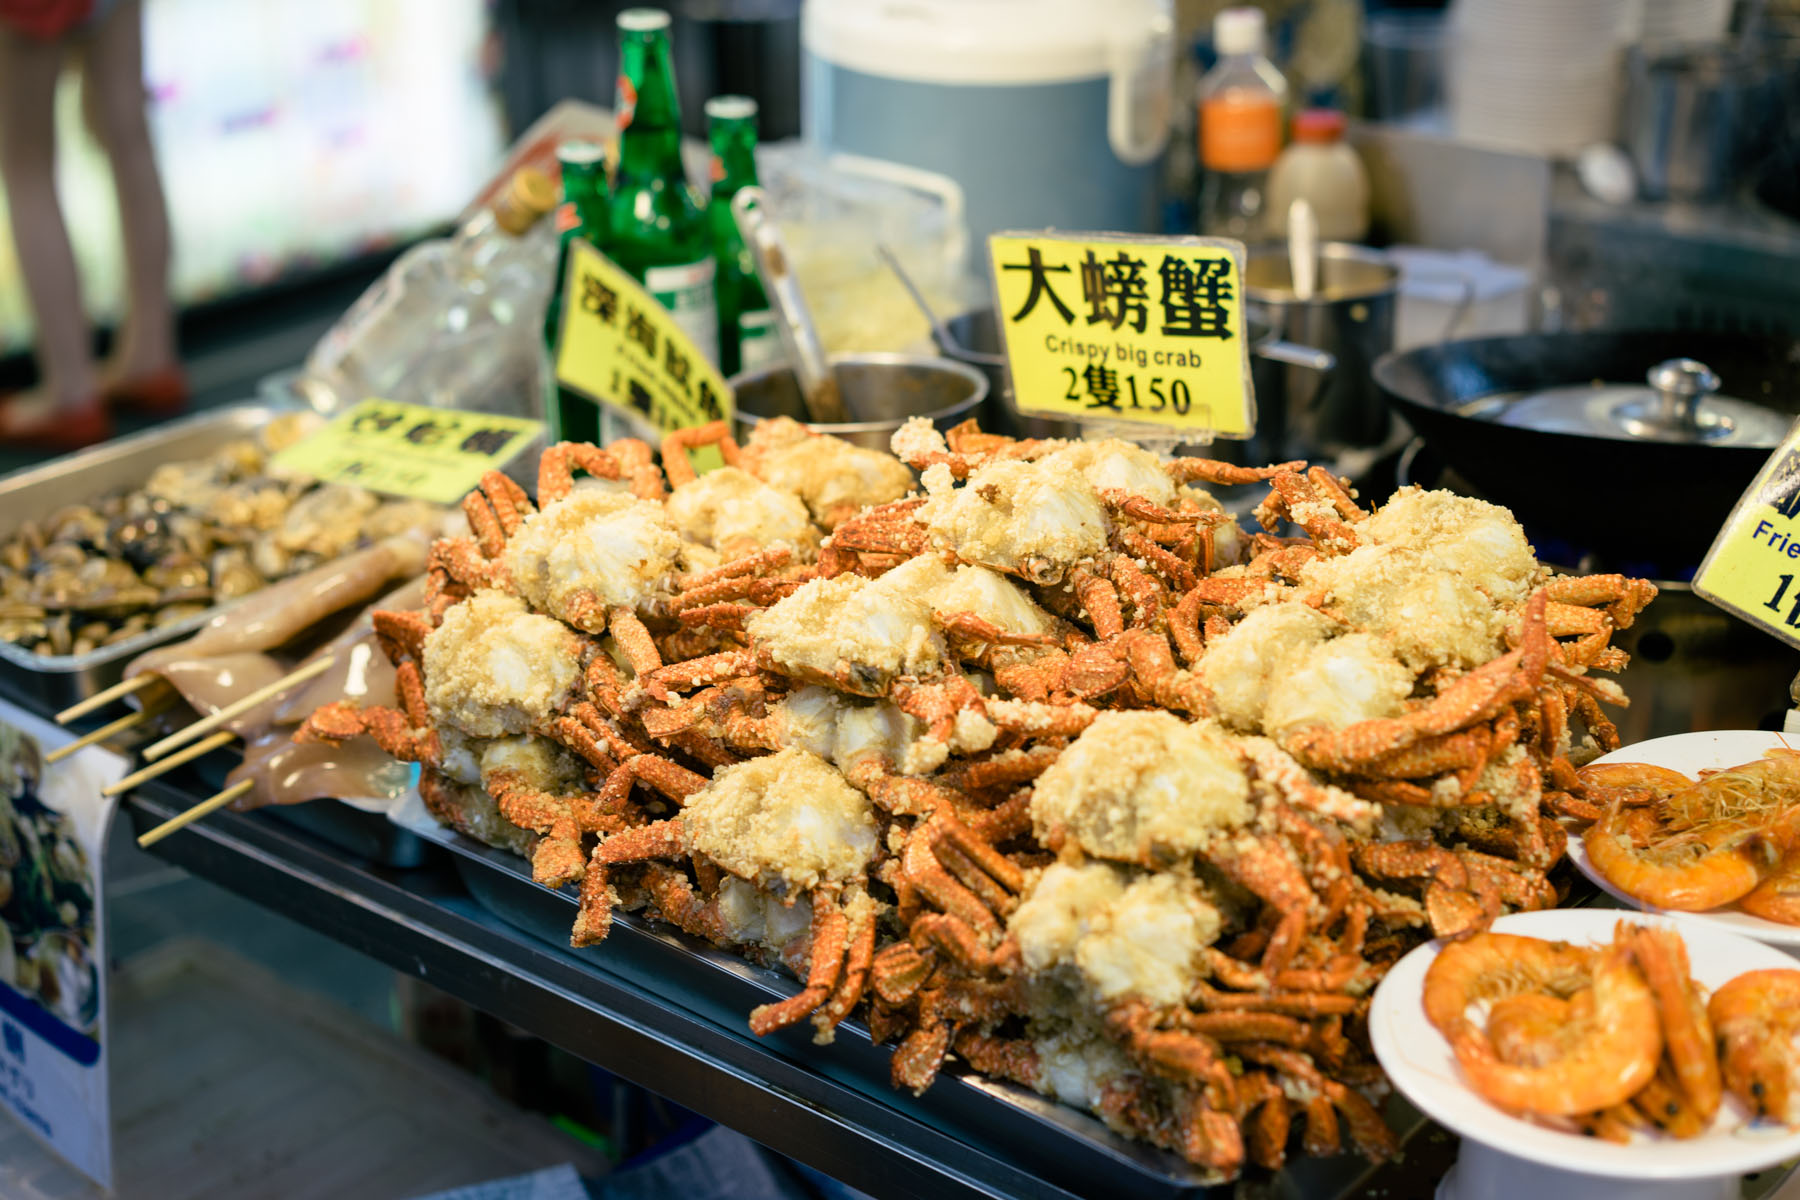 taipei-taiwan-shilin-best-biggest-night-market-street-food-9